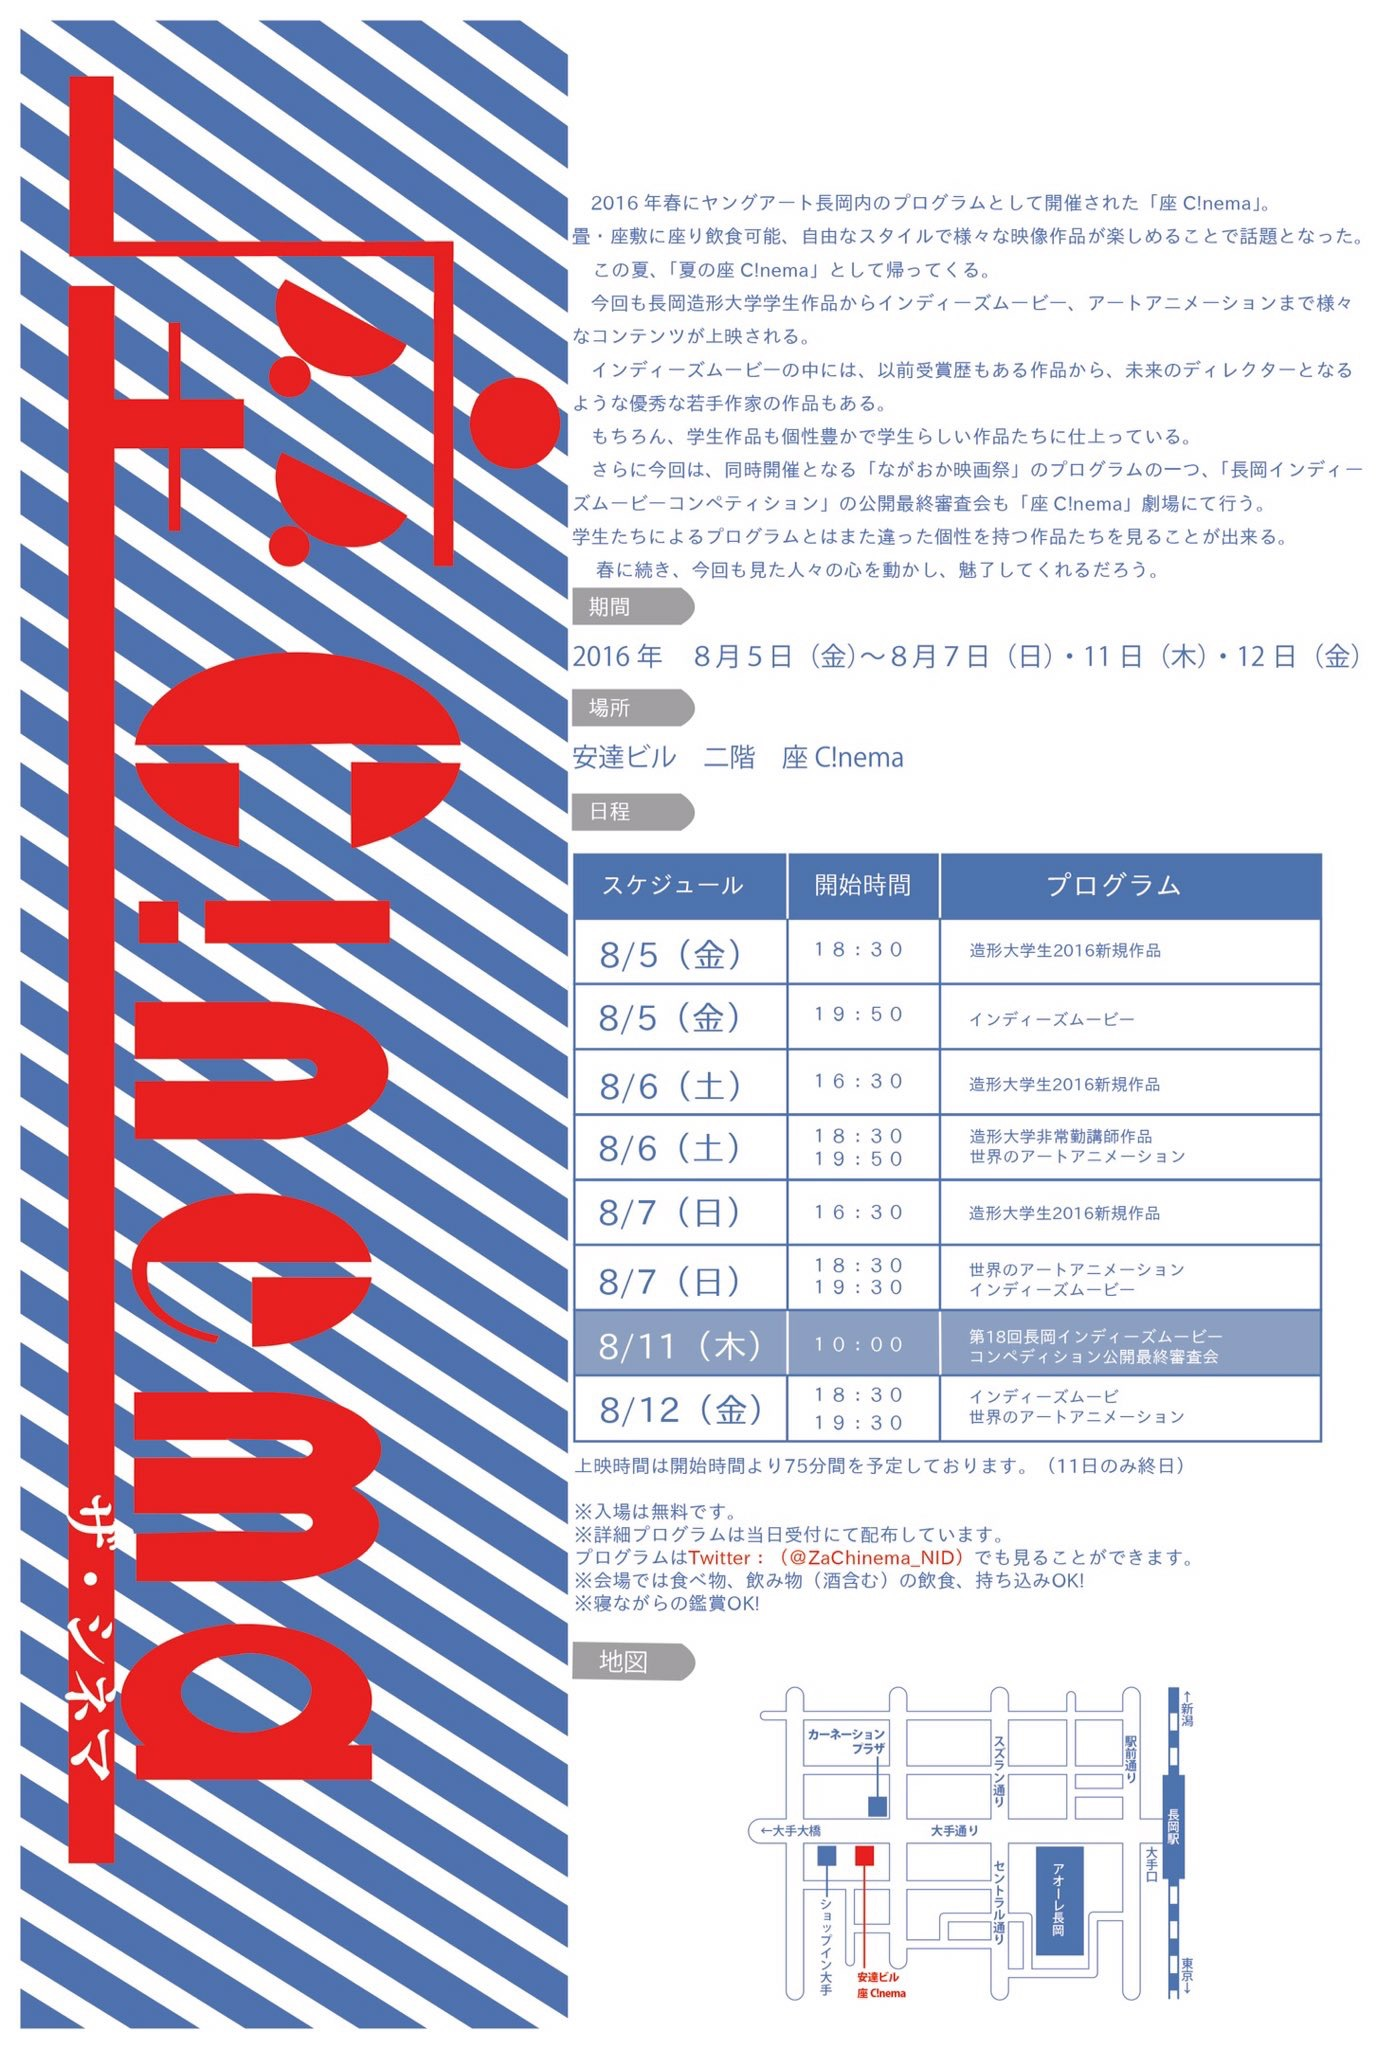 『夏の座C!nema』本日OPEN